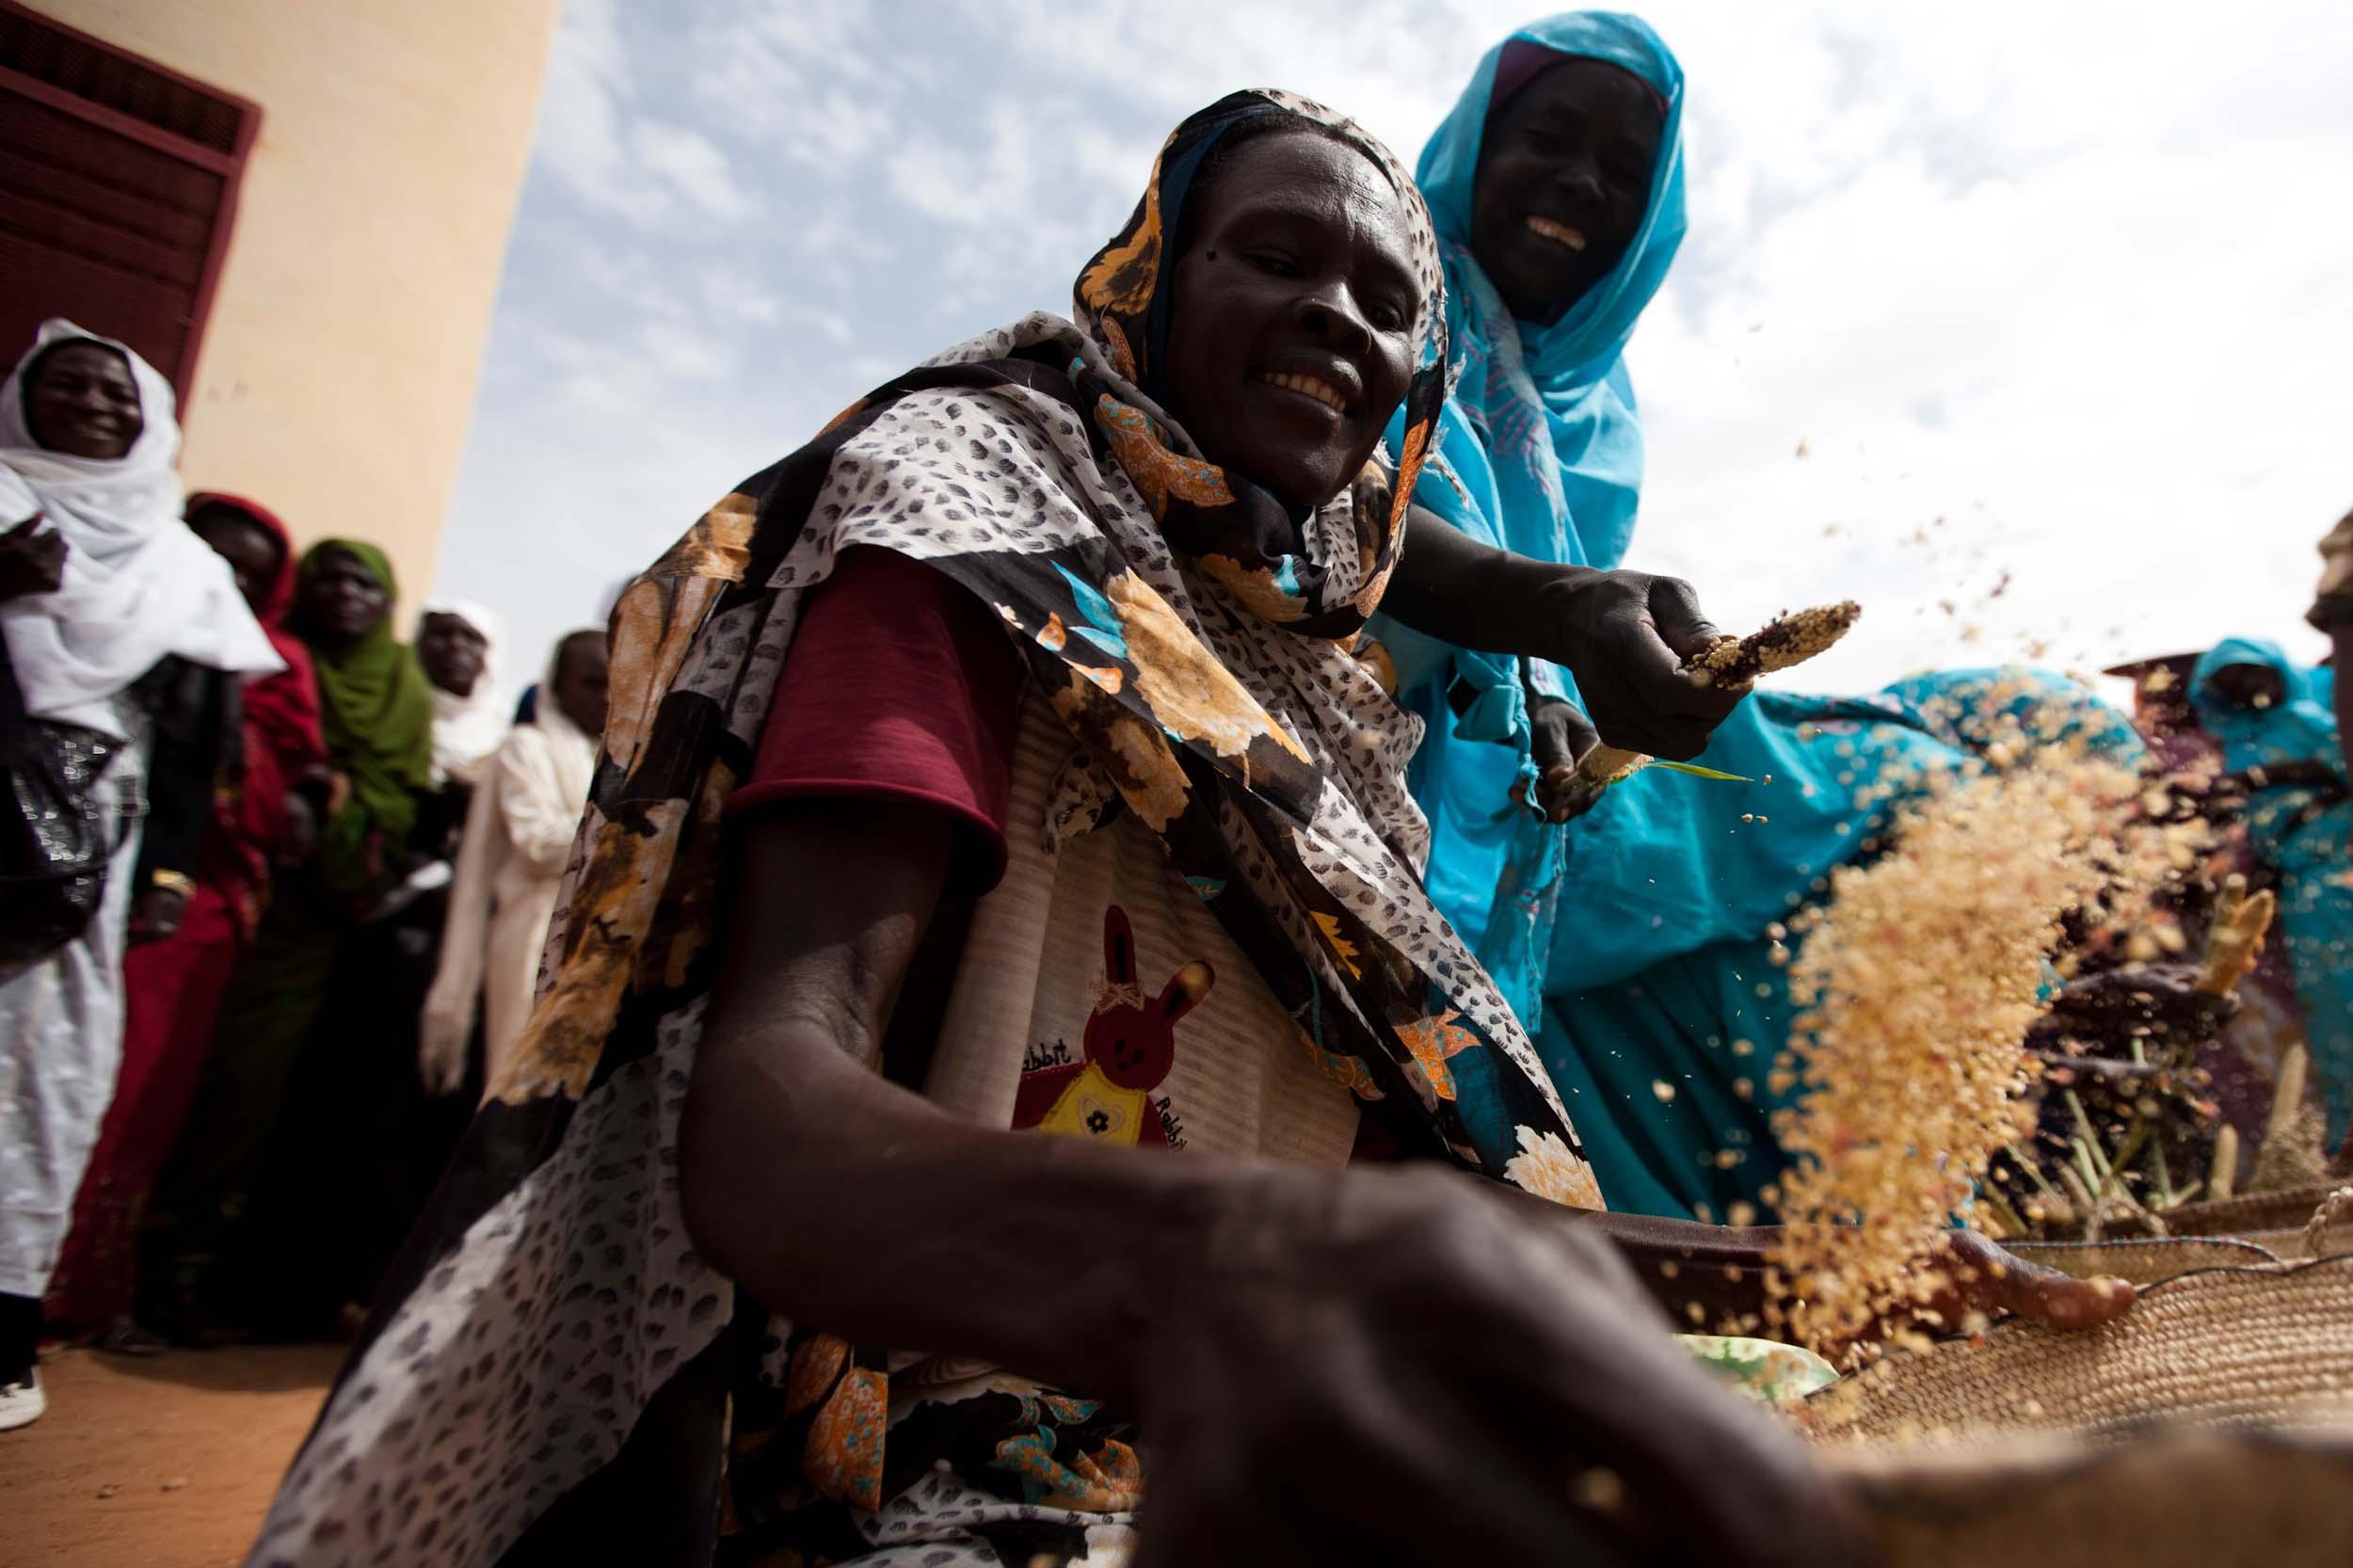 Foto: UNAMID/Albert González Farran